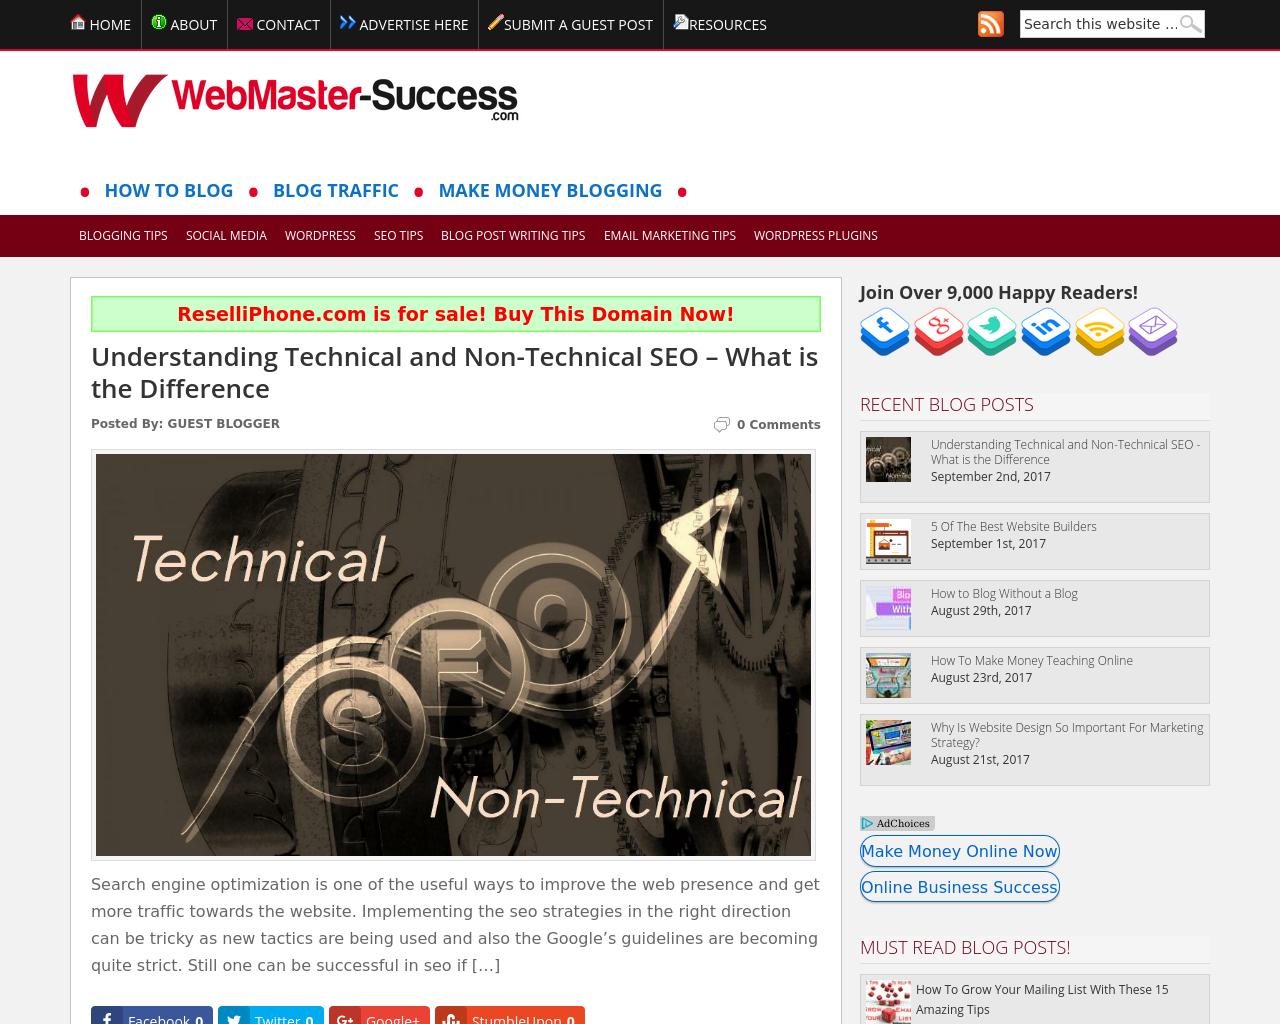 Webmaster-Success.com-Advertising-Reviews-Pricing